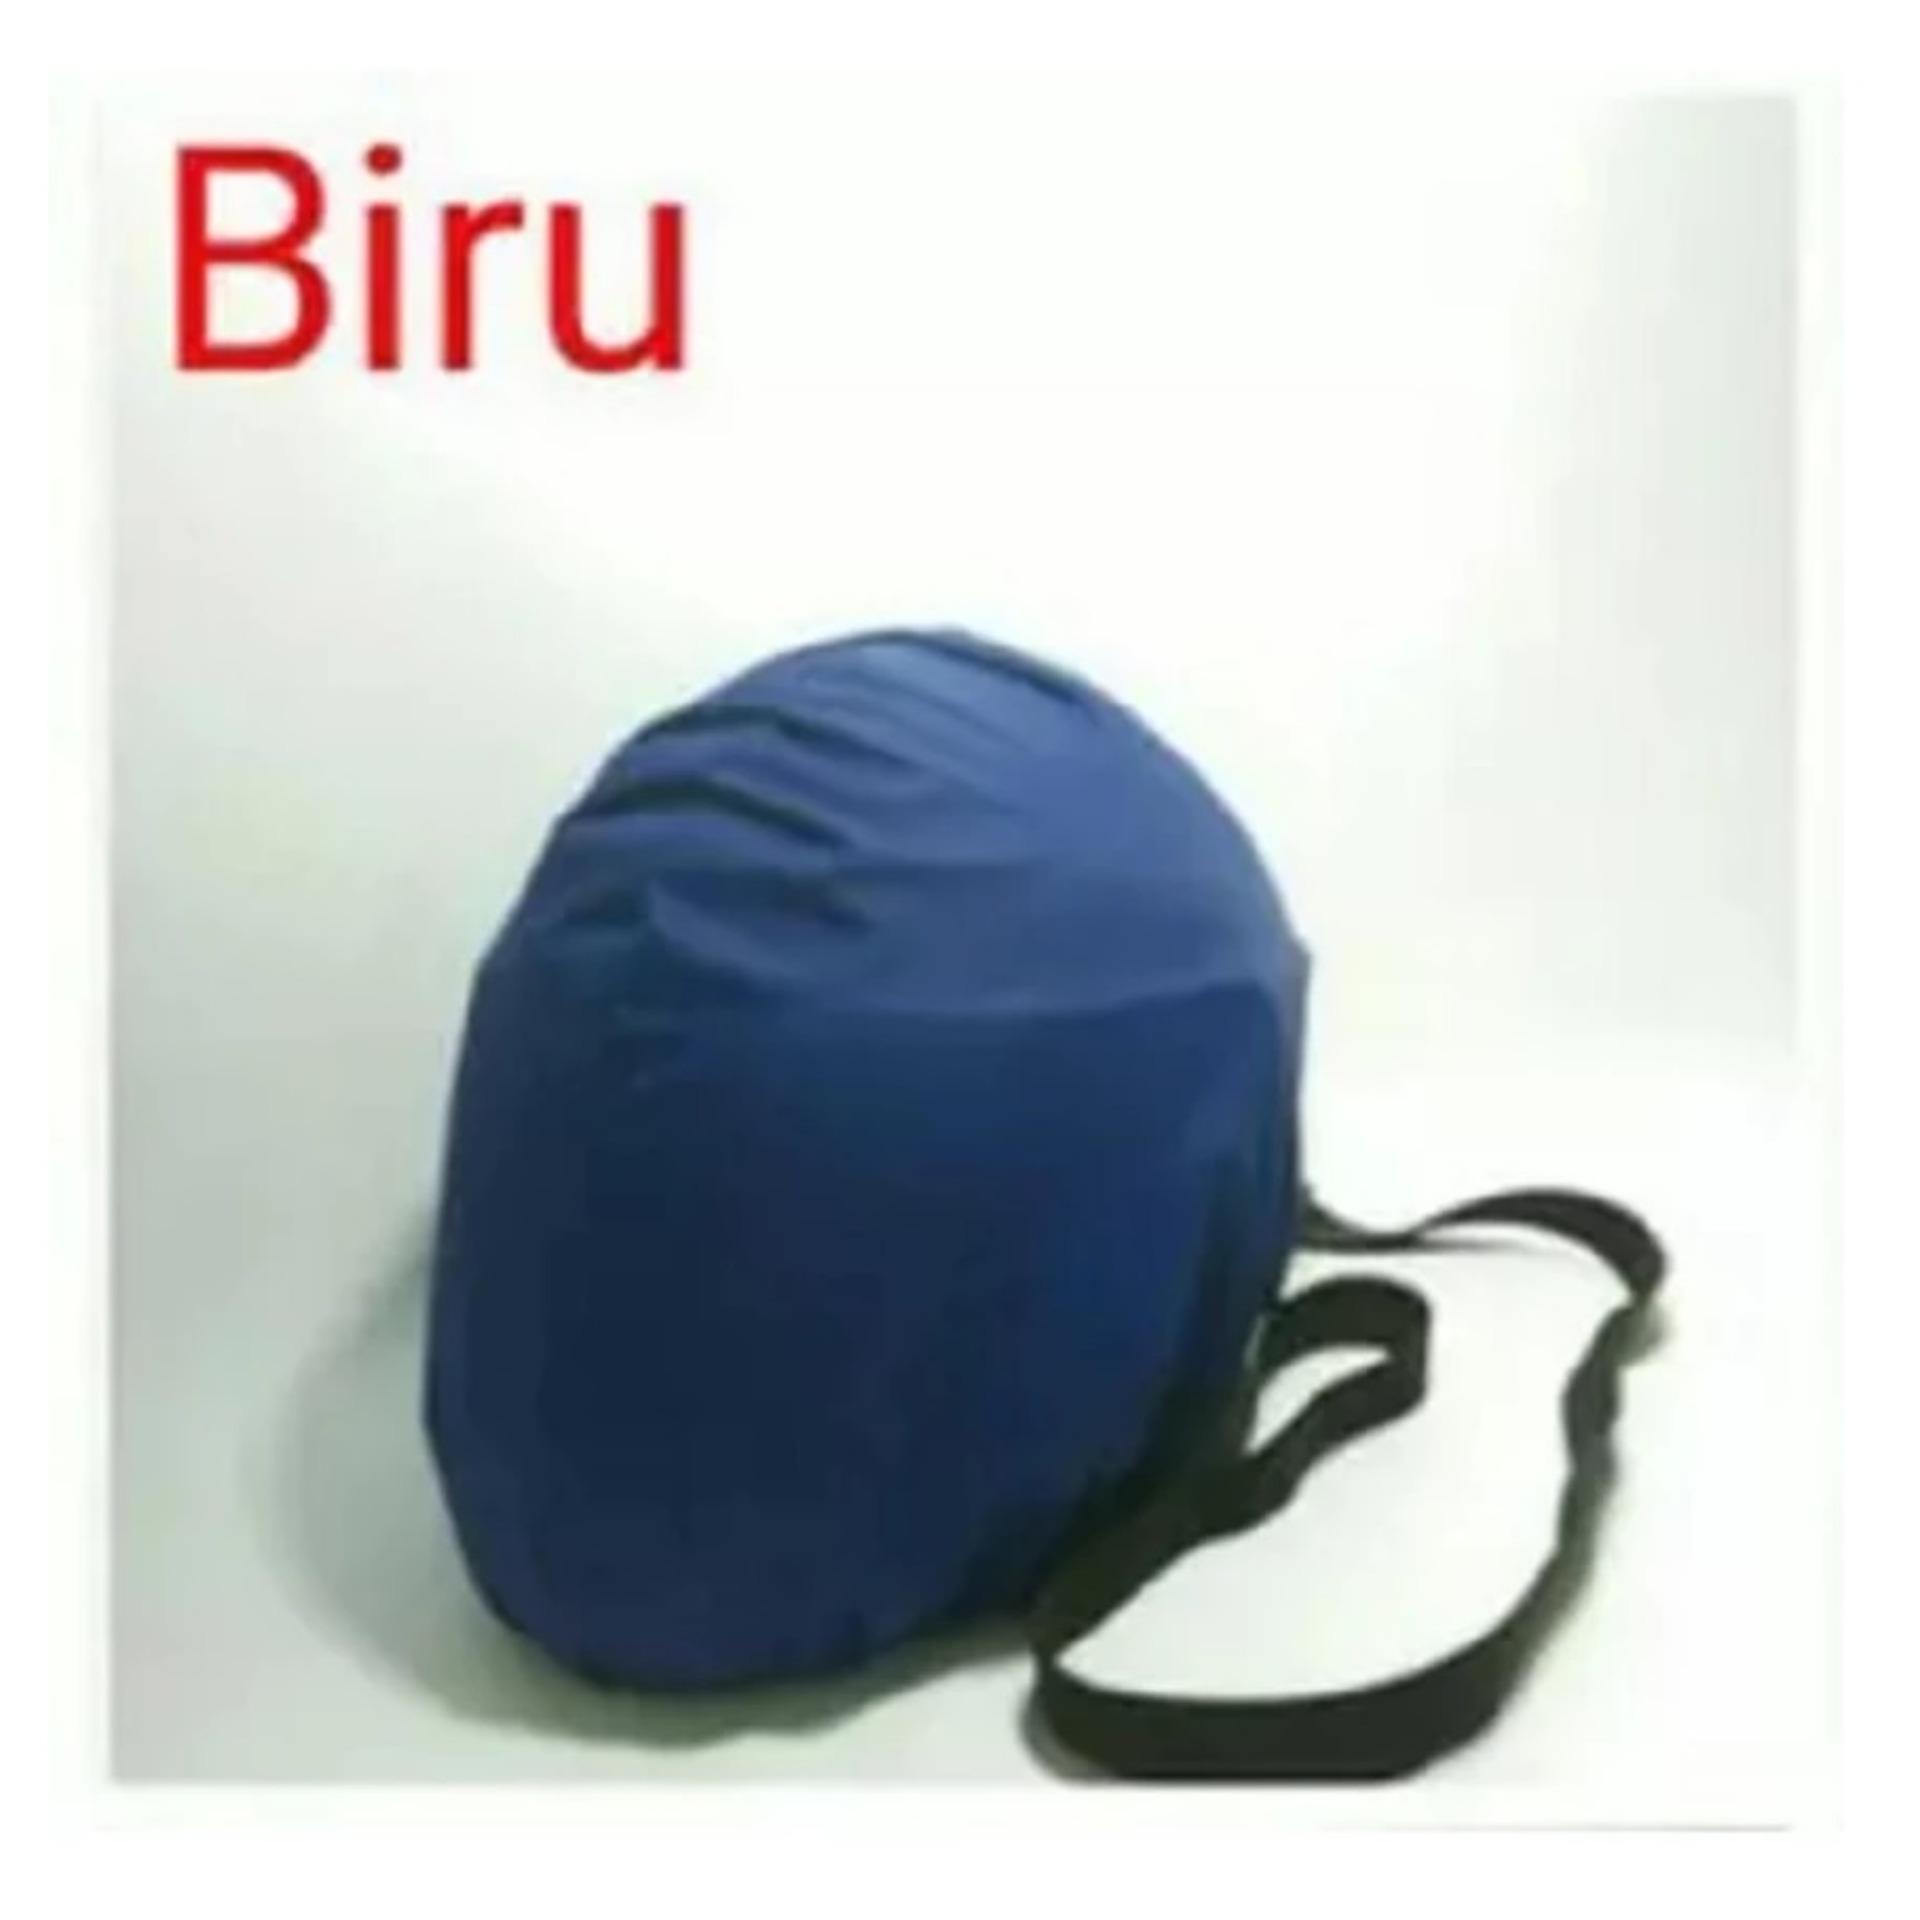 COVER HELM ANTI AIR - Raincoat - Jas Hujan Helm Tas Helm Sarung Helm - Biru